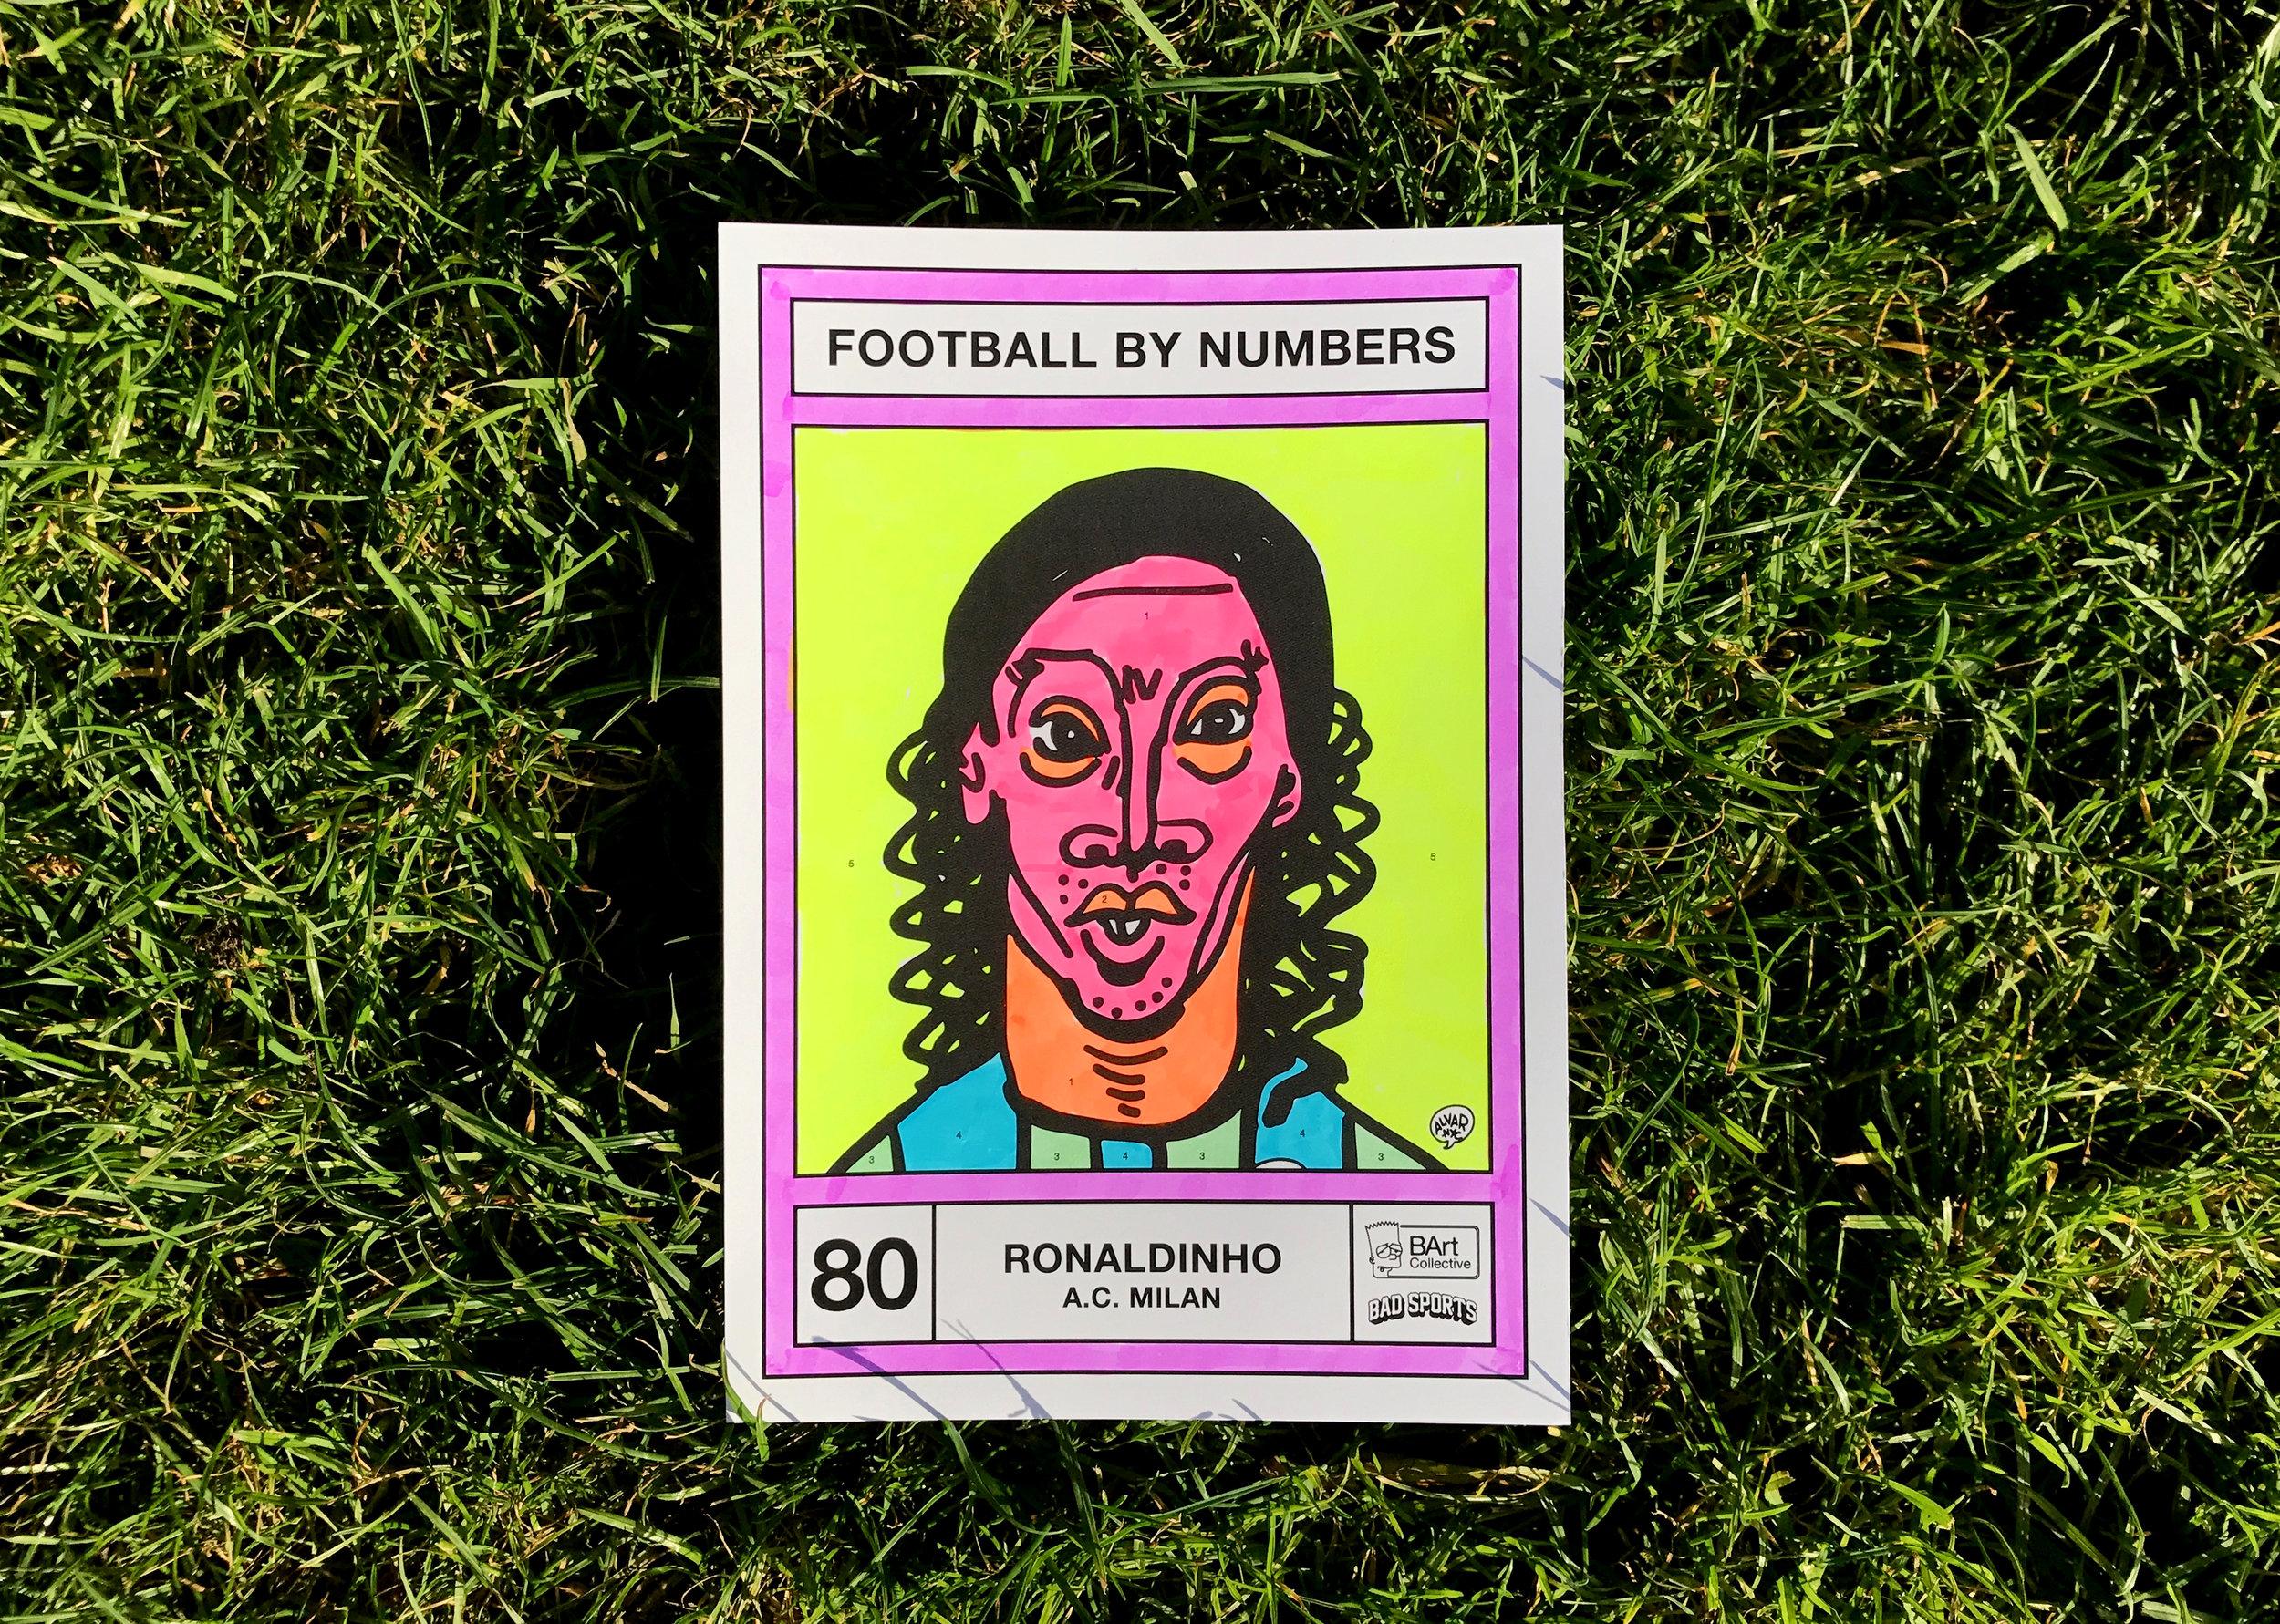 80-Ronaldinho-1.jpg